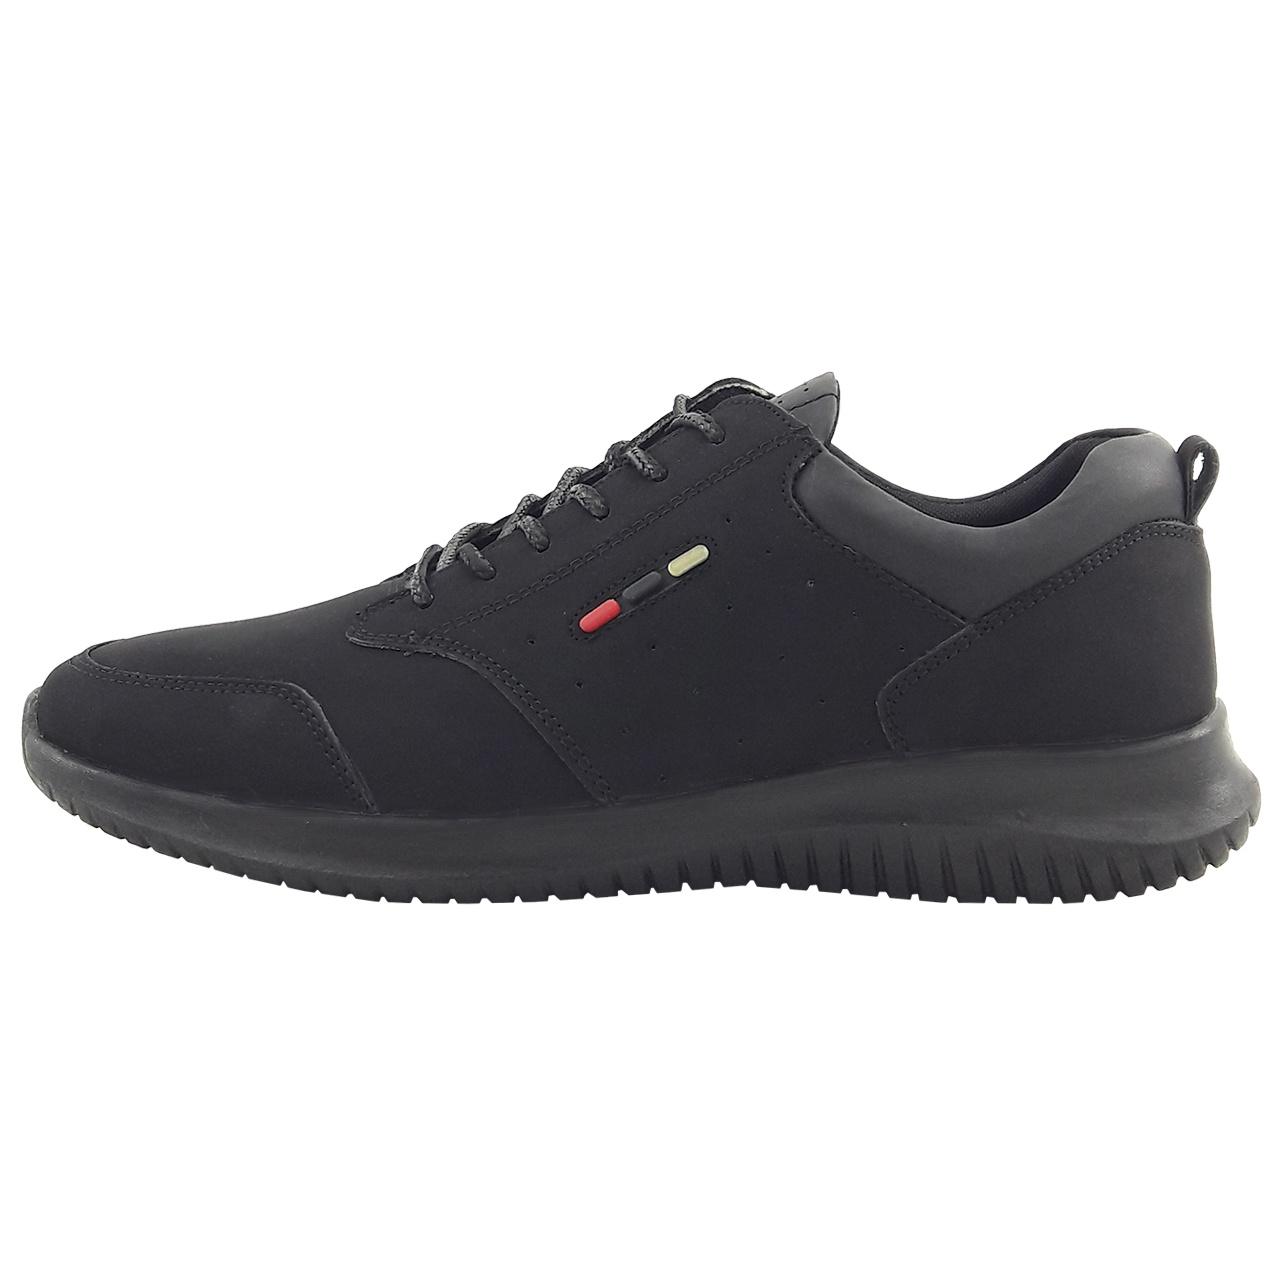 خرید                      کفش راحتی مردانه مدل Chl.hrs.bl-001              👟